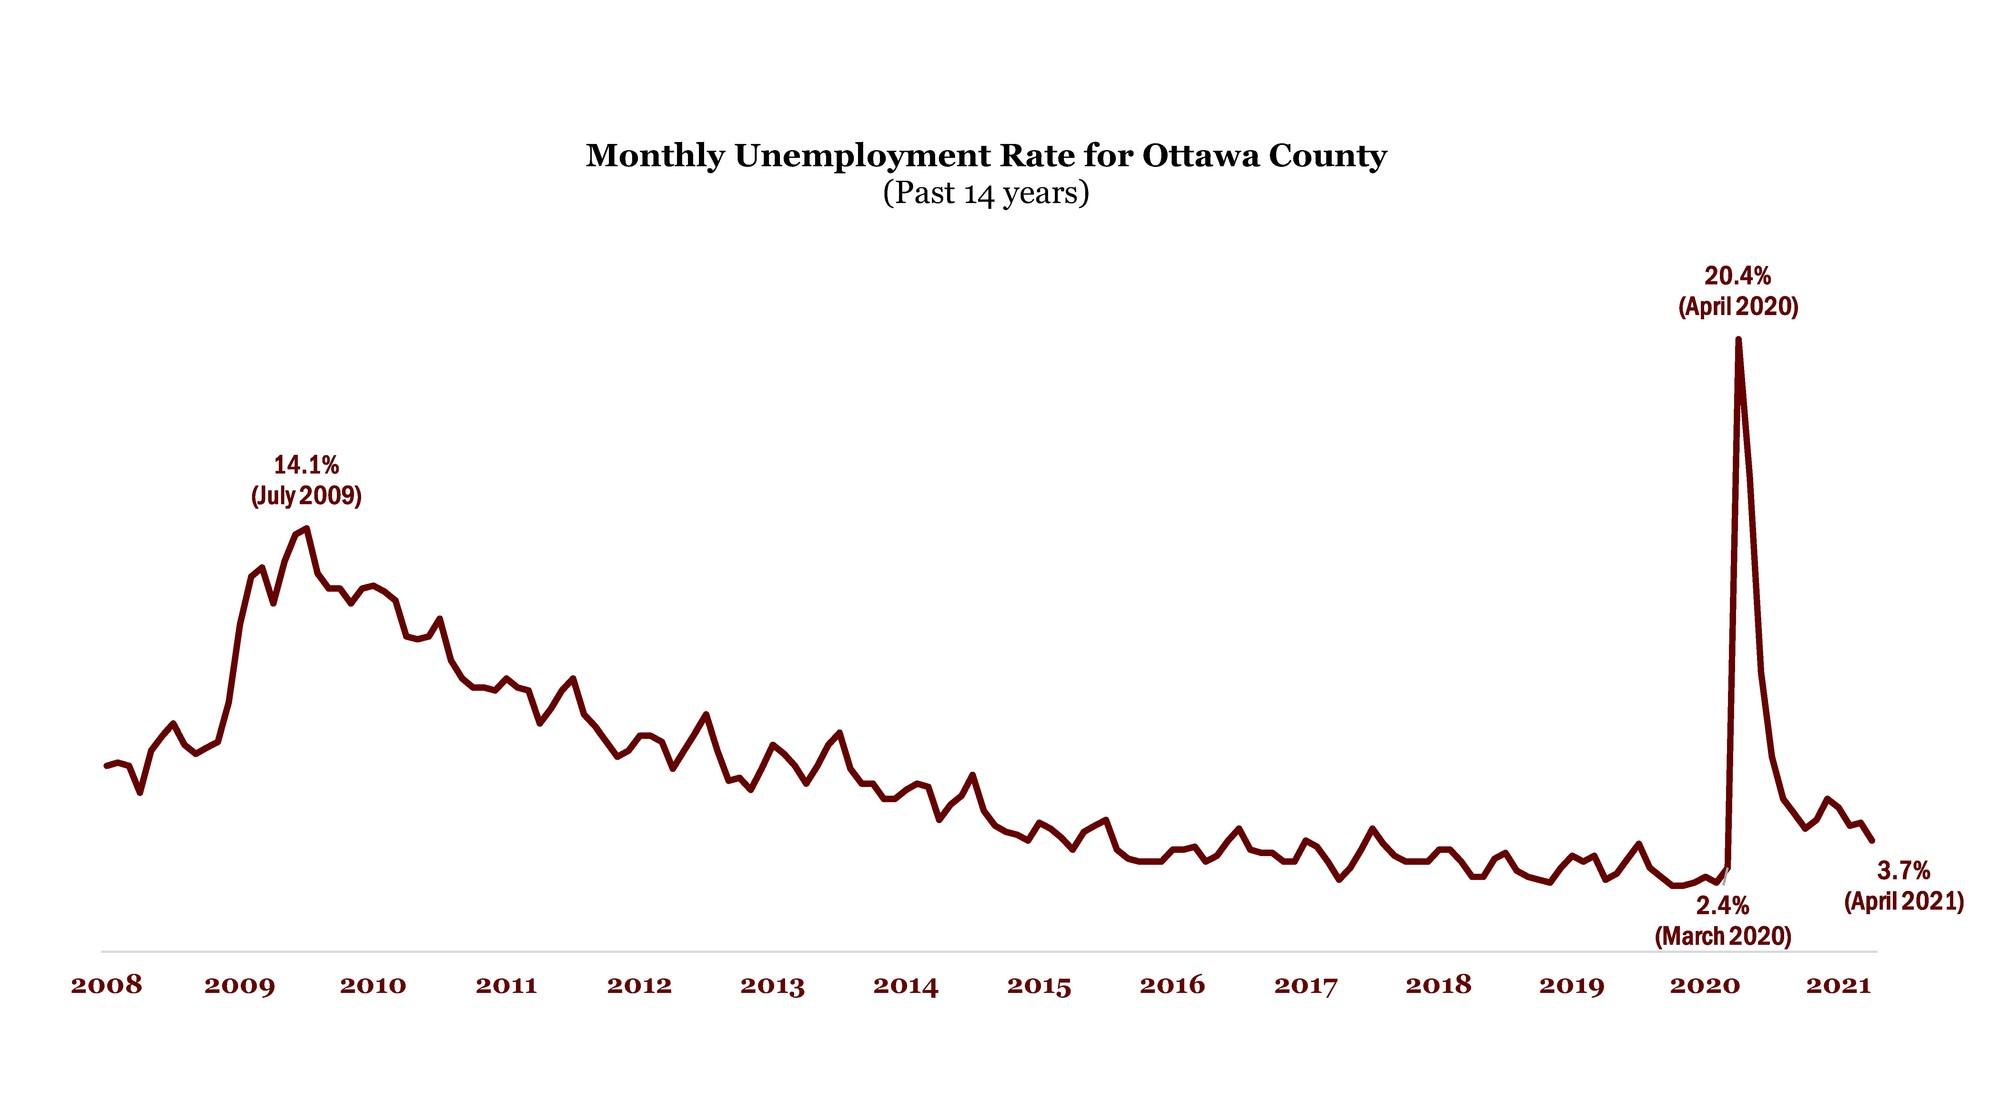 April 2021 Unemployment